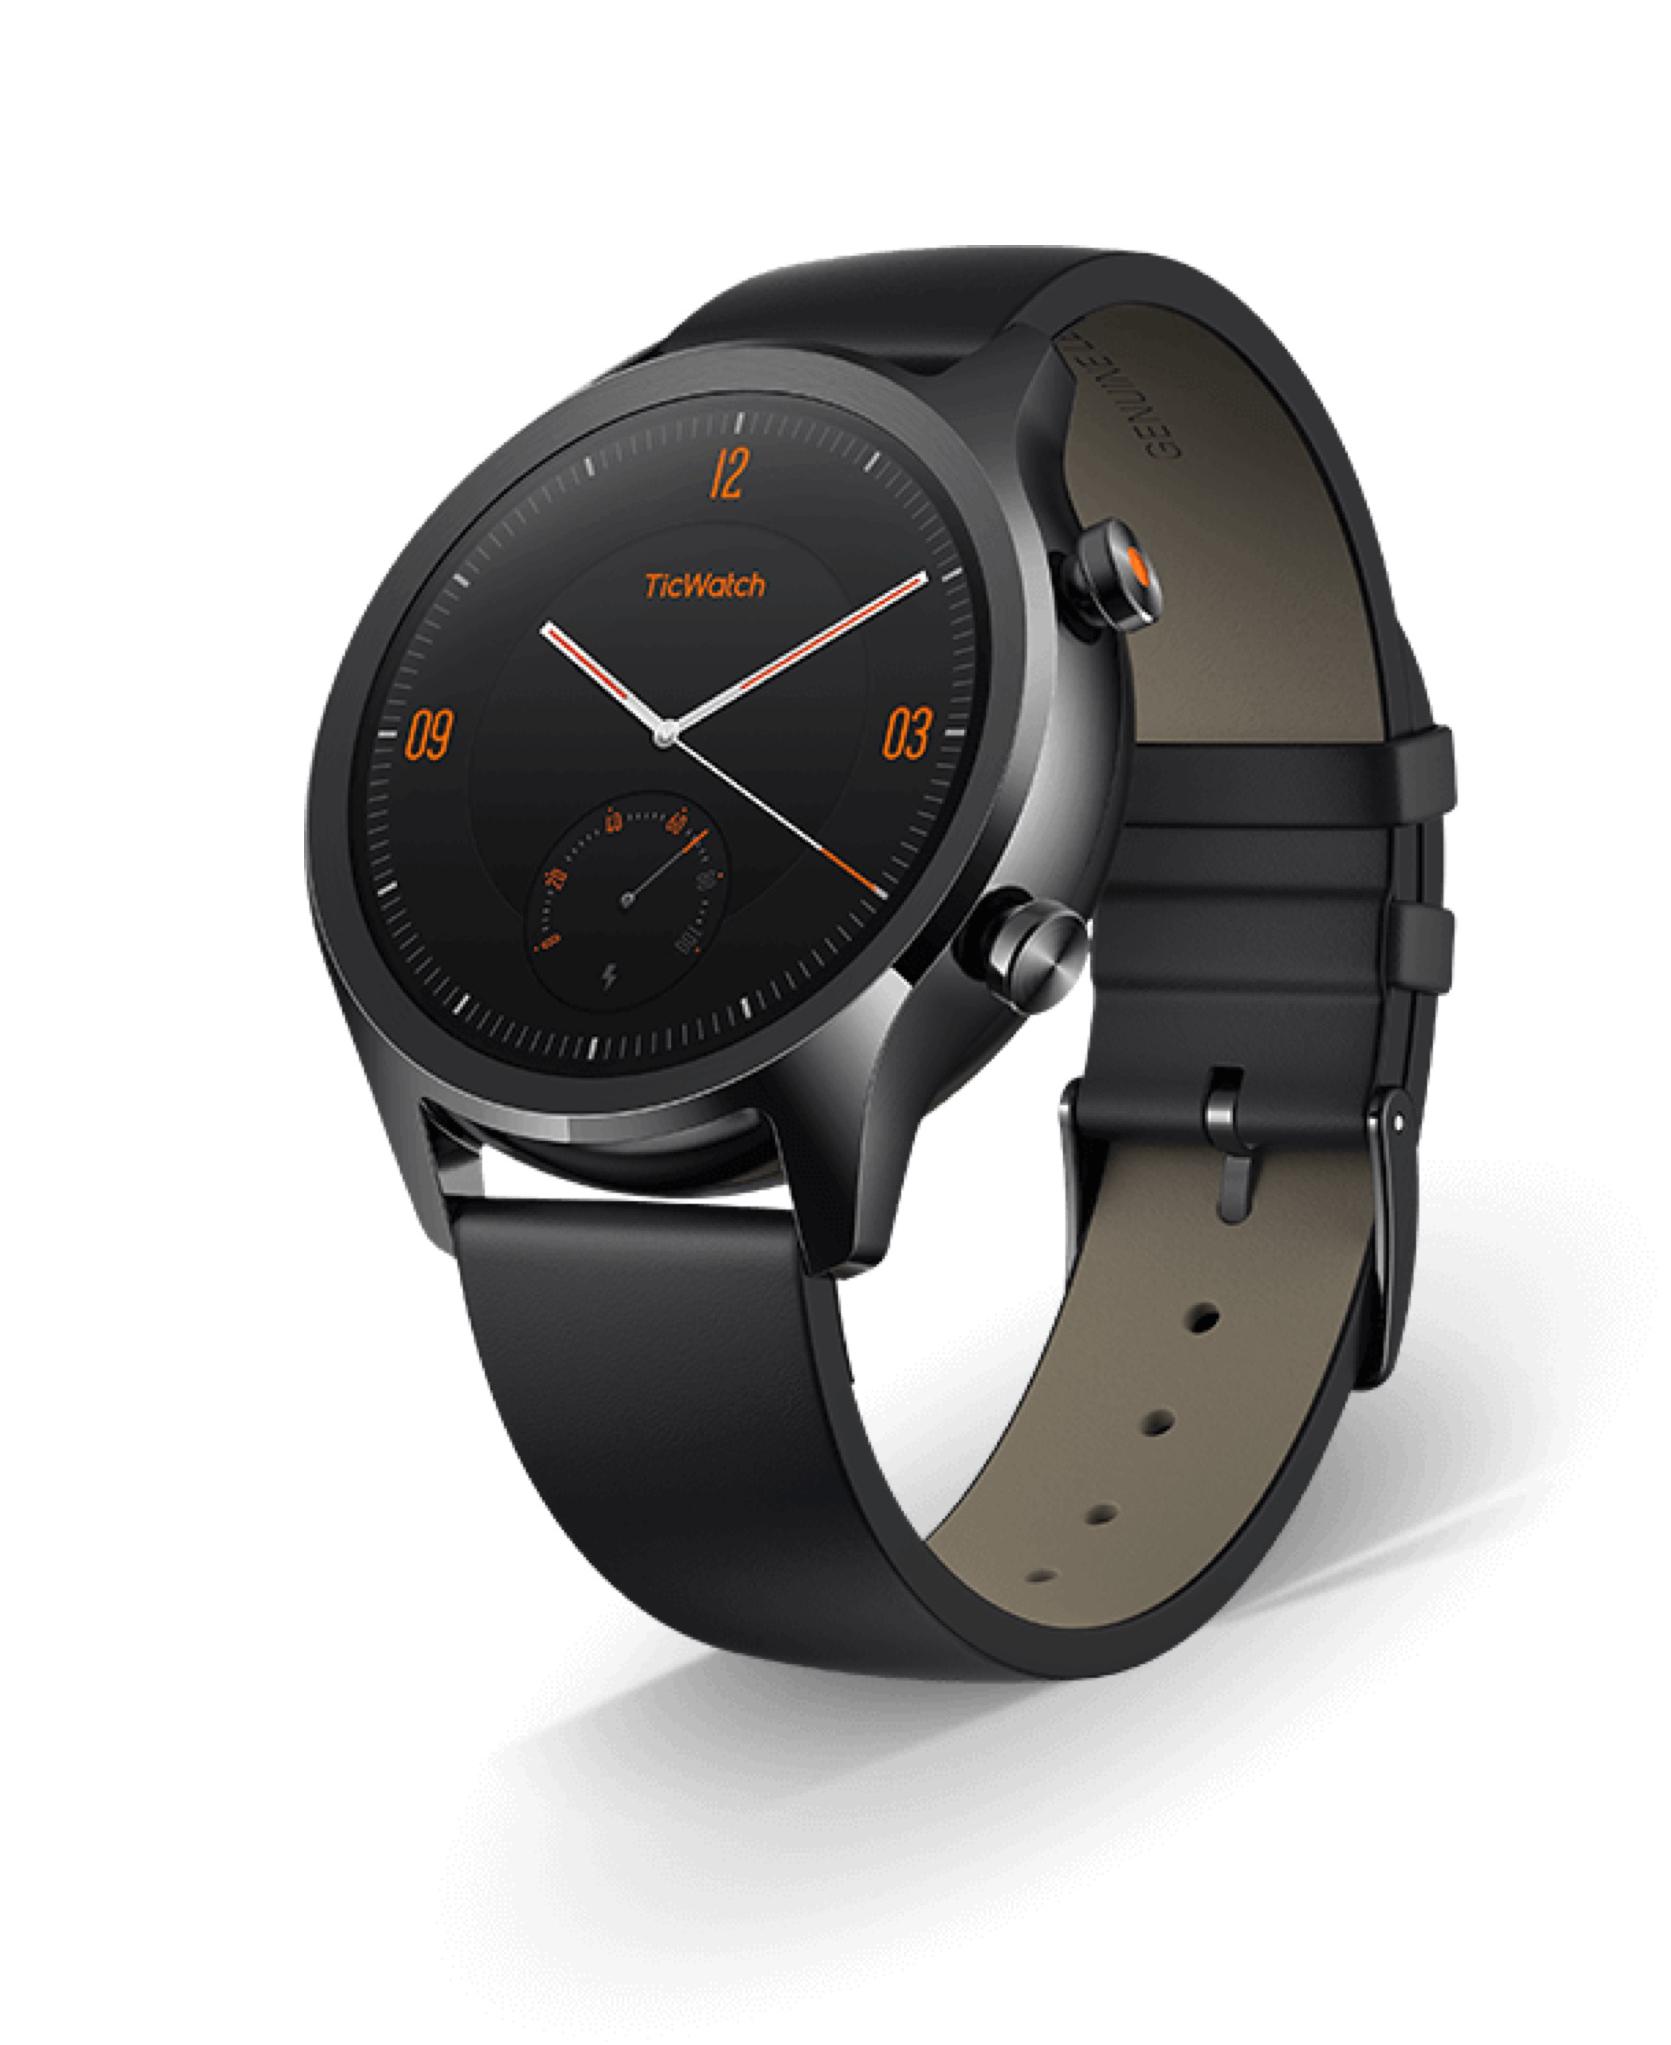 mobvoi ticwatch c2 g nstige smartwatch mit stahlgeh use news. Black Bedroom Furniture Sets. Home Design Ideas